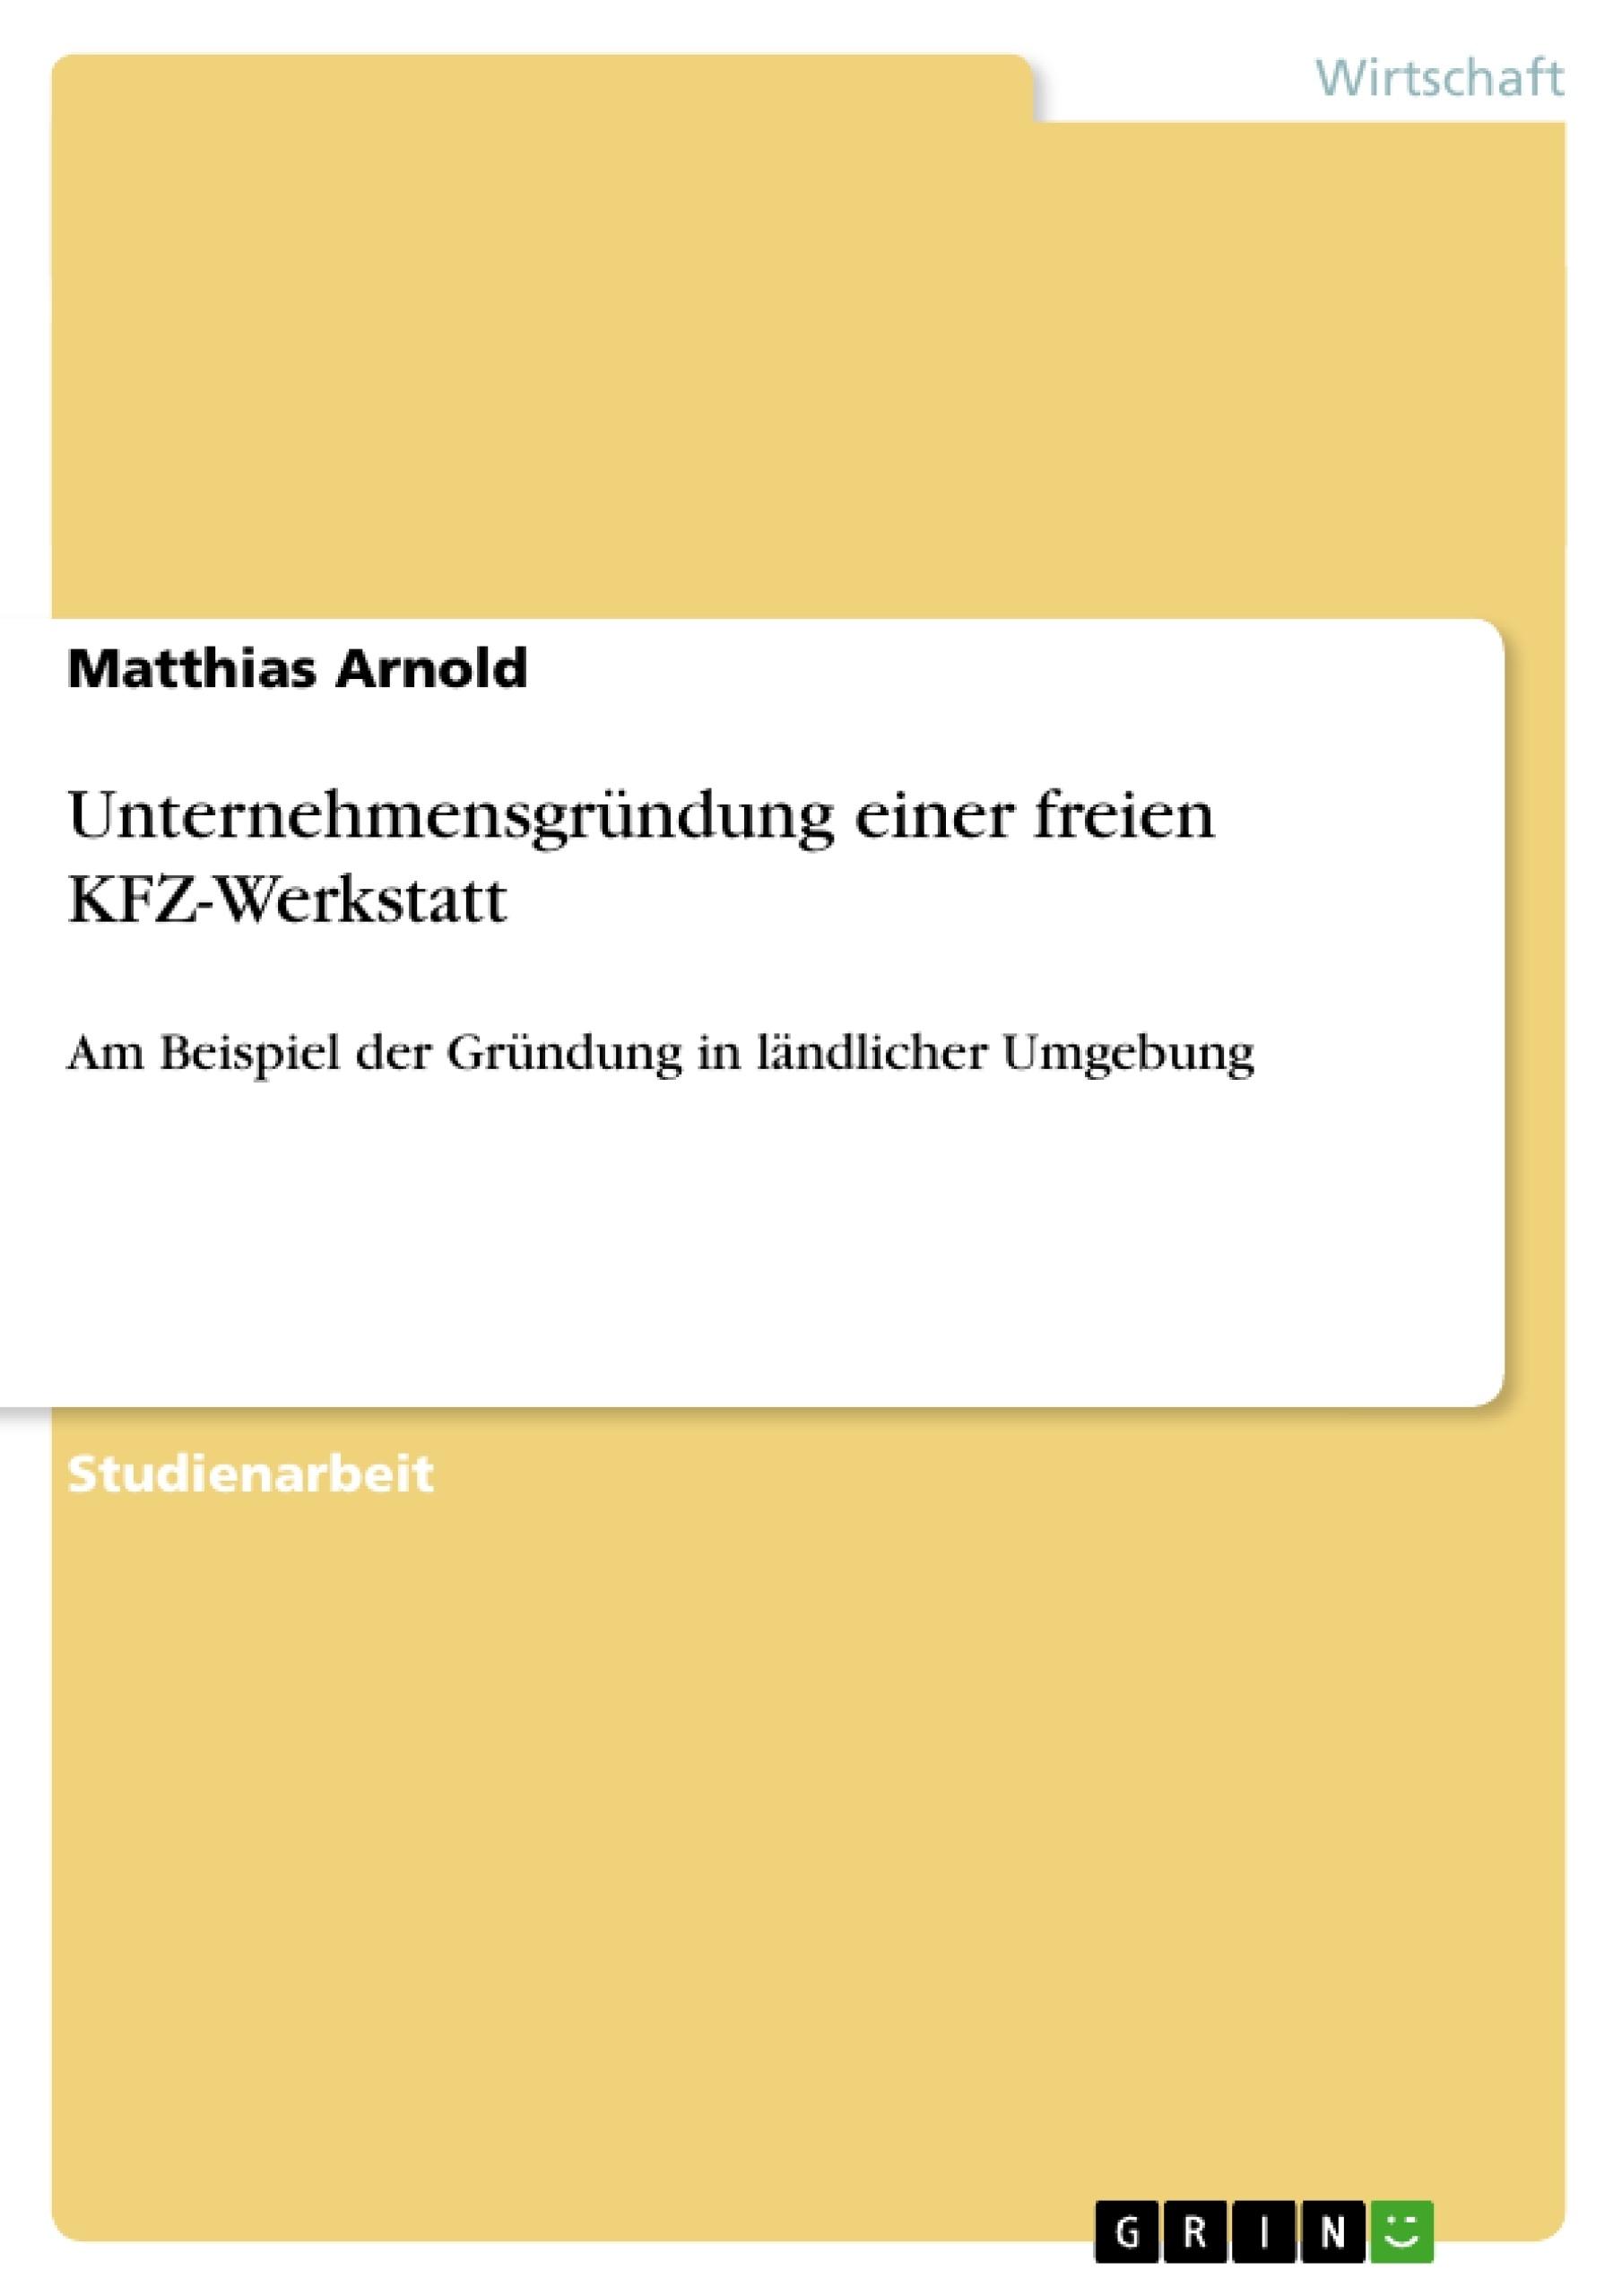 Titel: Unternehmensgründung einer freien KFZ-Werkstatt